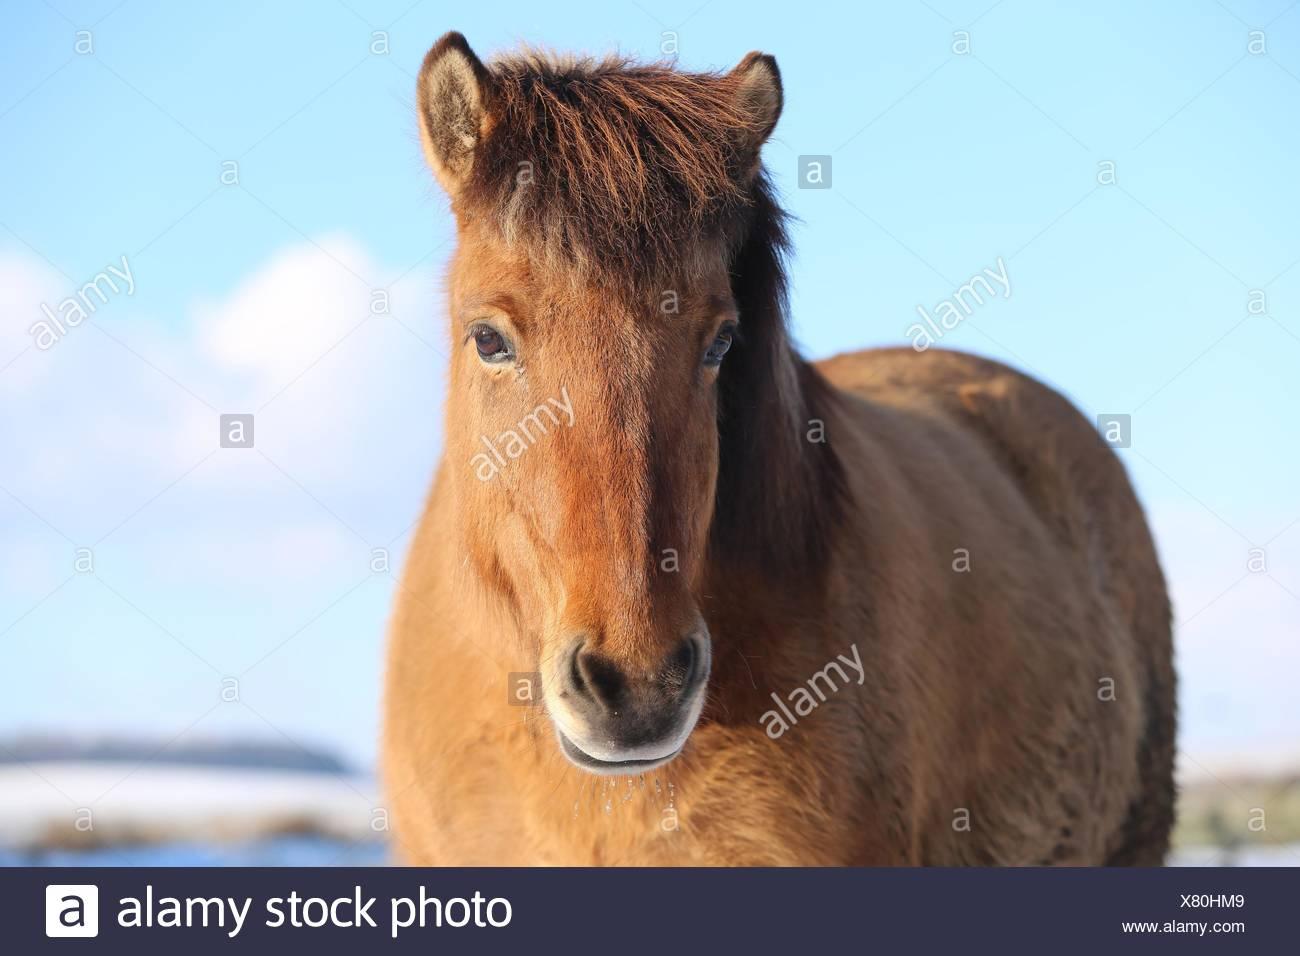 Icelandic horse Portrait Stock Photo